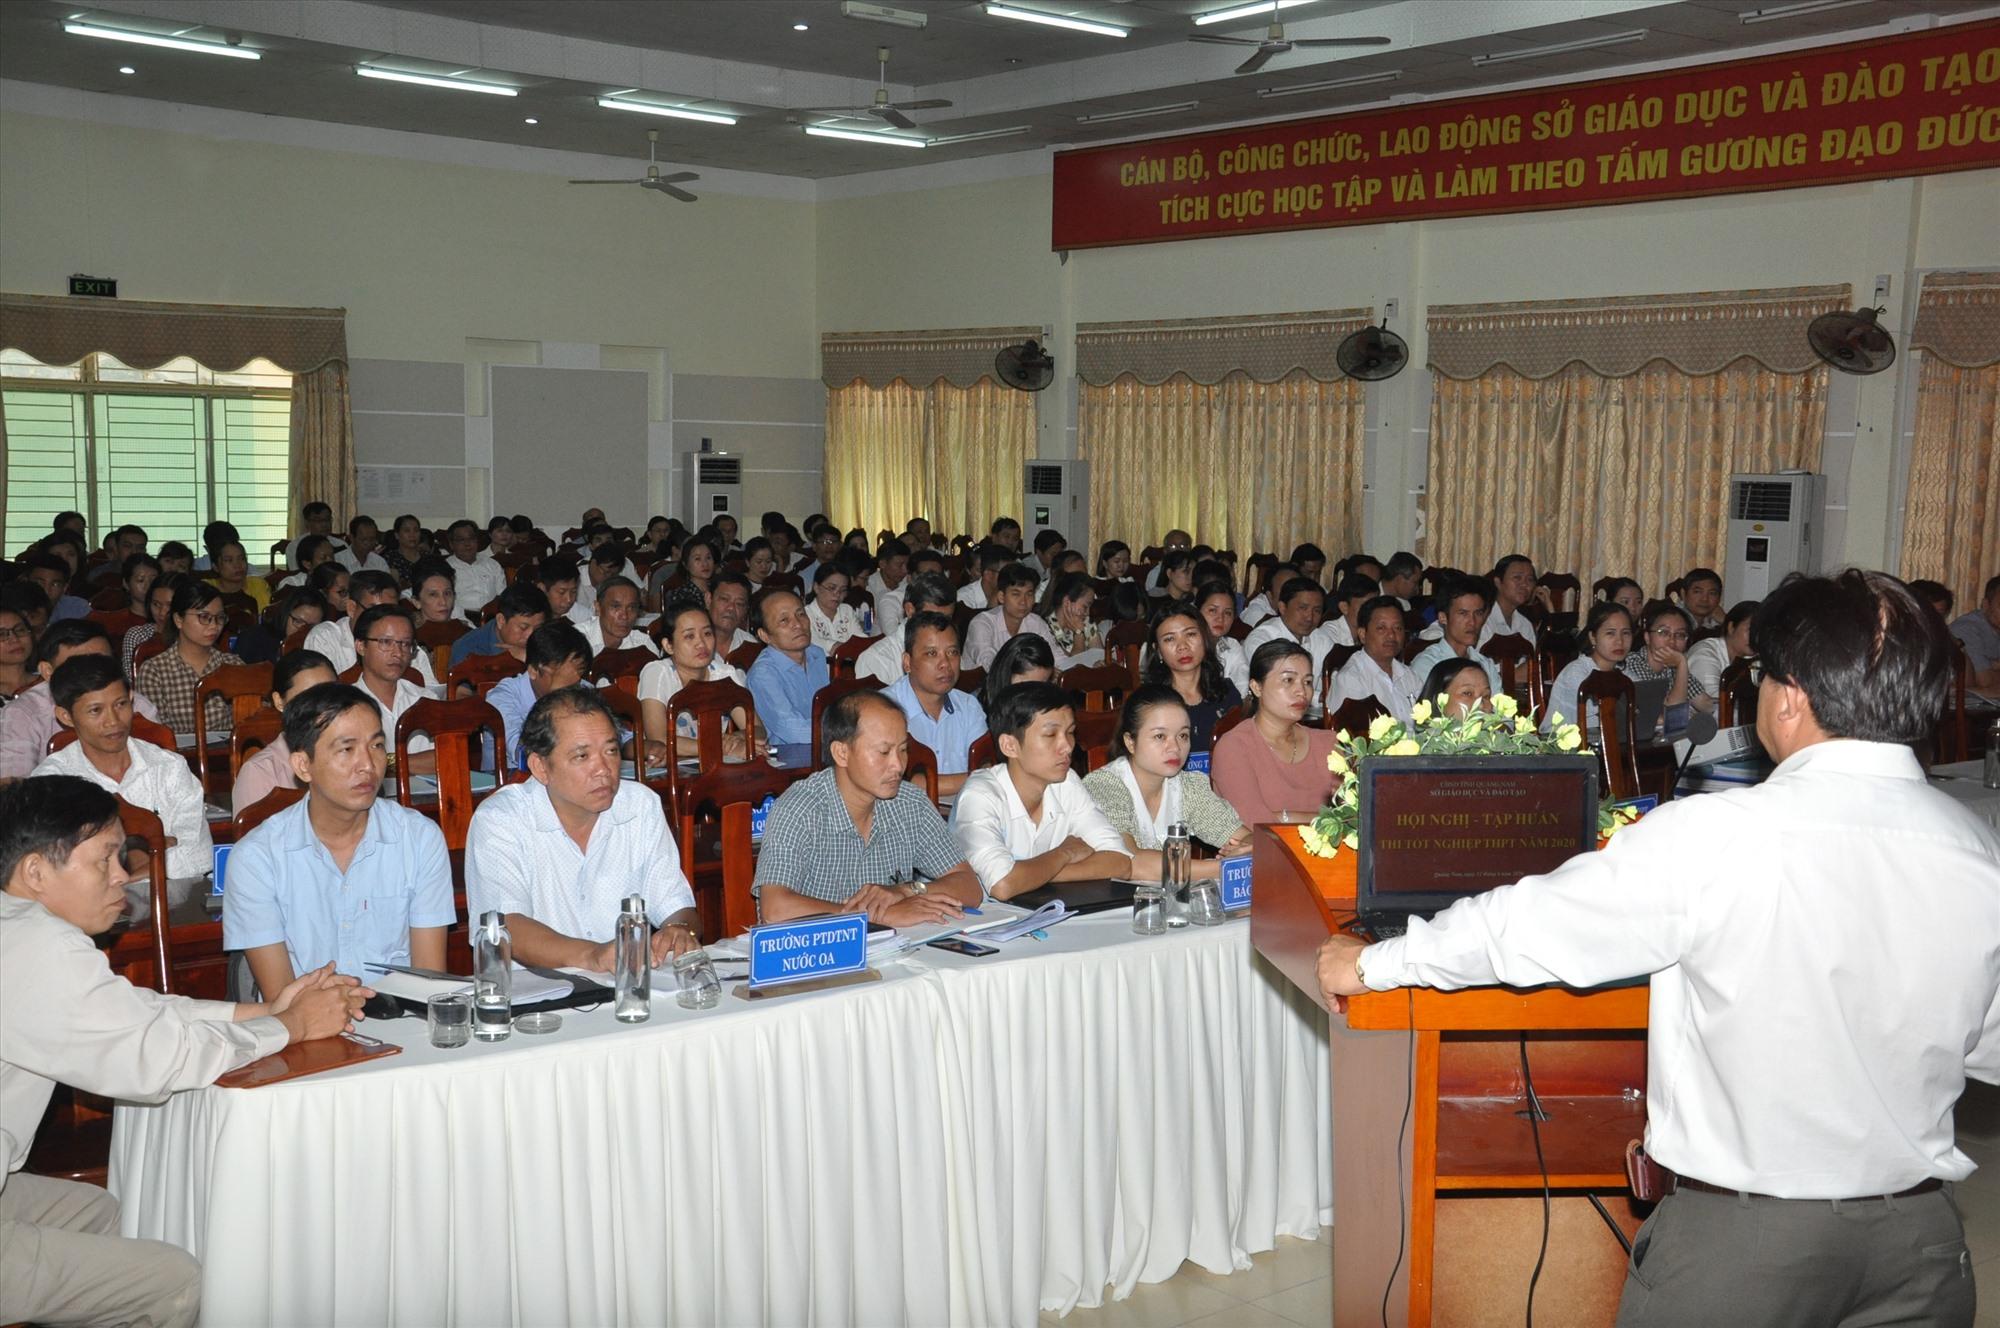 Ông Hà Thanh Quốc - Giám đốc  Sở GD-ĐT đã quán triệt mục đích, ý nghĩa của kỳ thi tốt nghiệp THPT năm 2020. Ảnh: X.P